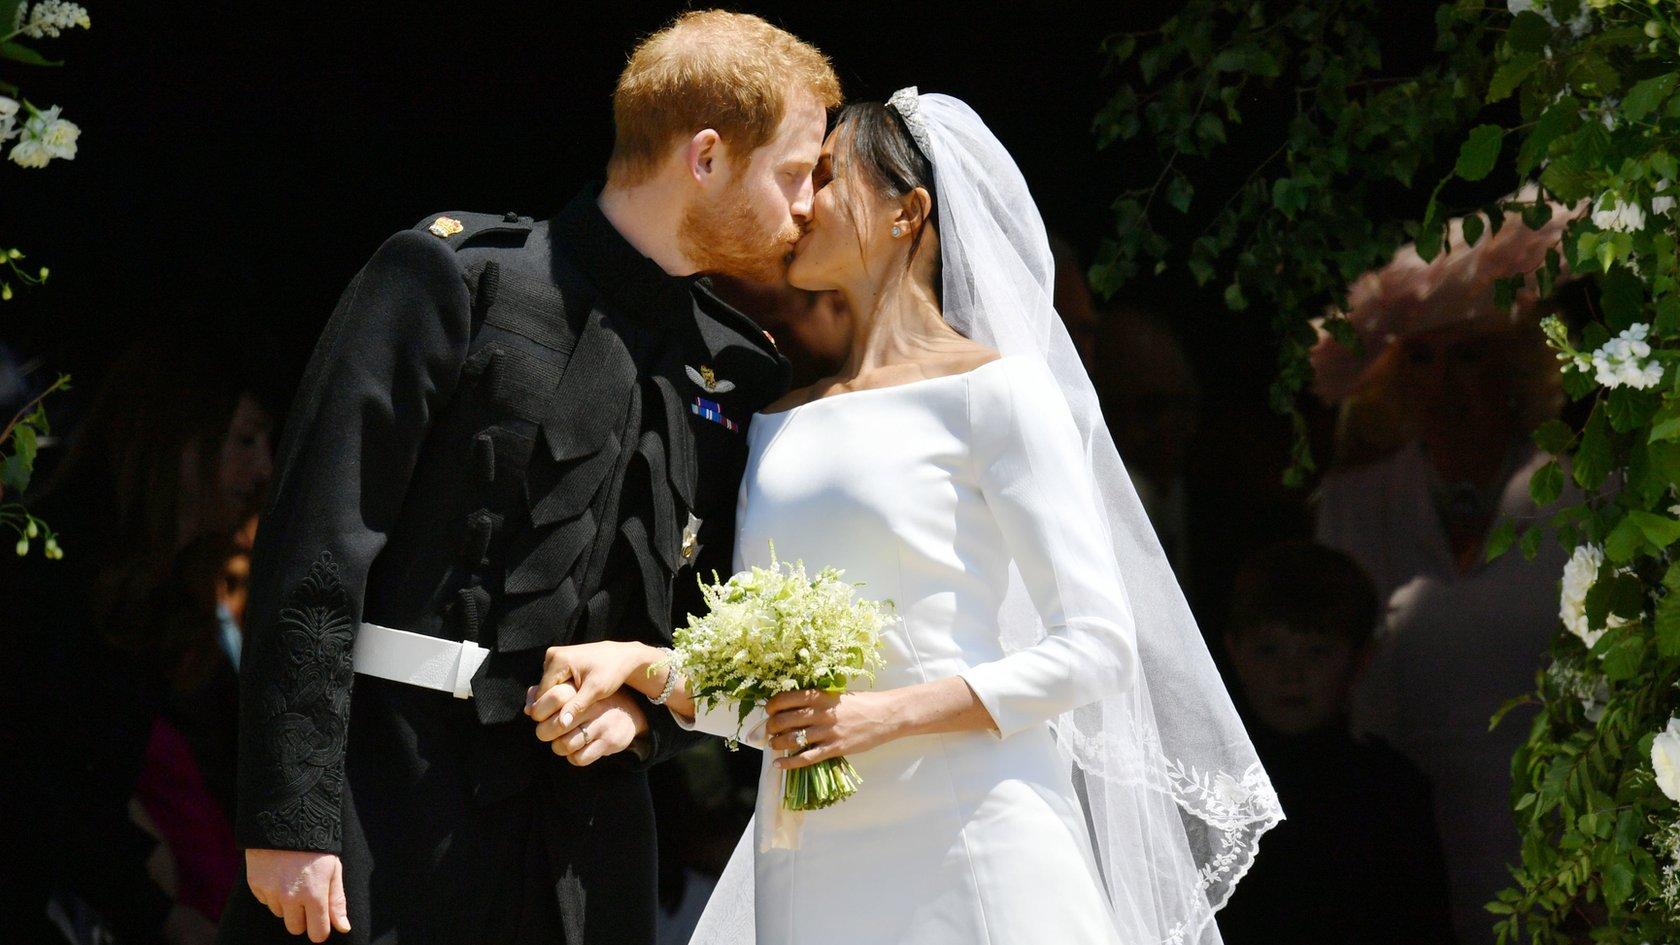 6cf0417769865 الزفاف الملكي البريطاني  زواج الأمير هاري وميغان ماركل - BBC News Arabic